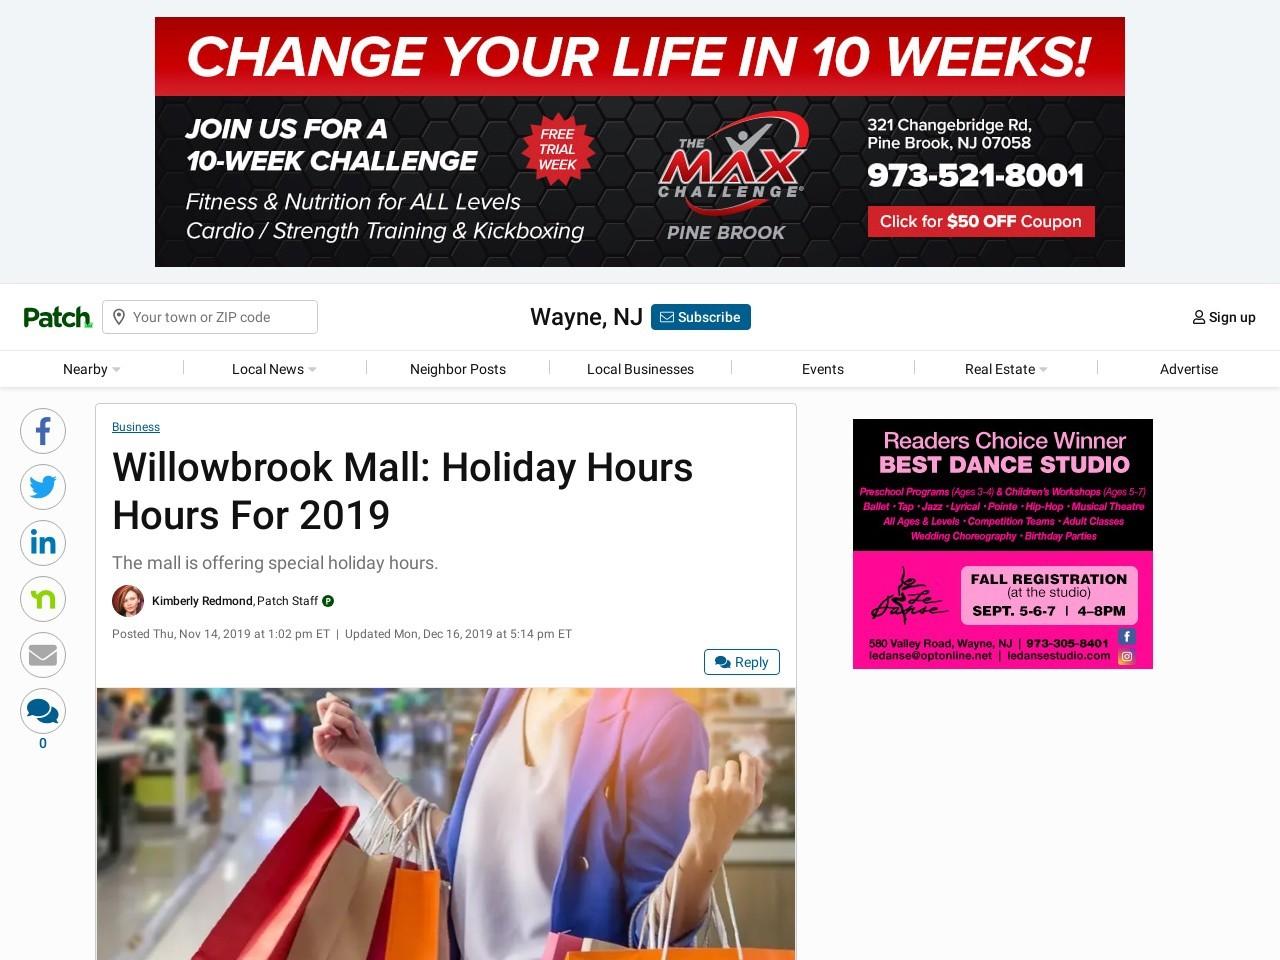 Willowbrook Mall: Vakantie Openingstijden Voor 2019 | Wayne, NJ ...